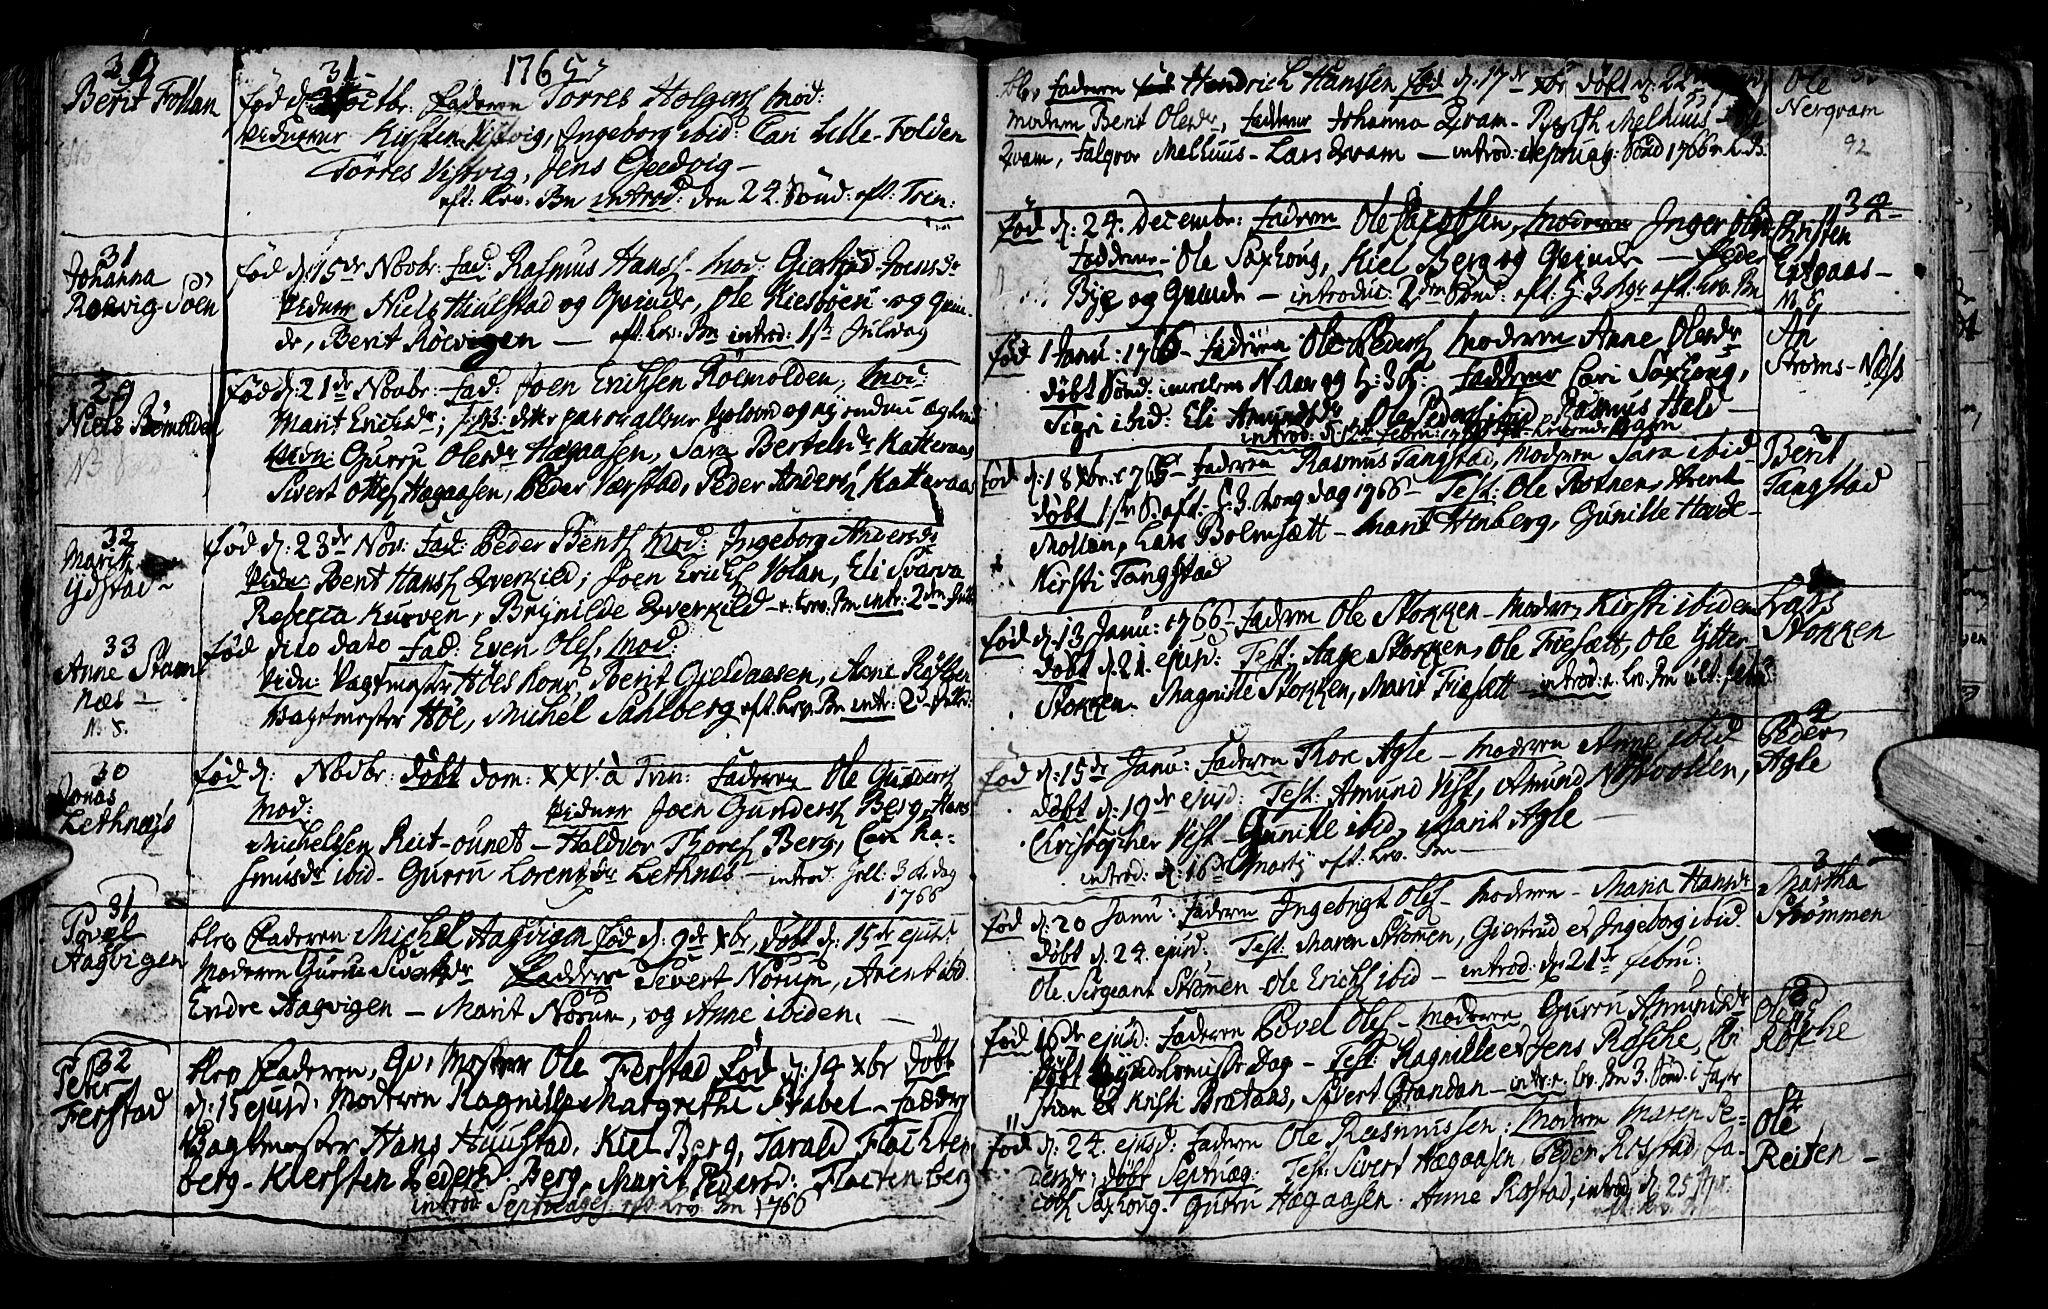 SAT, Ministerialprotokoller, klokkerbøker og fødselsregistre - Nord-Trøndelag, 730/L0273: Ministerialbok nr. 730A02, 1762-1802, s. 92